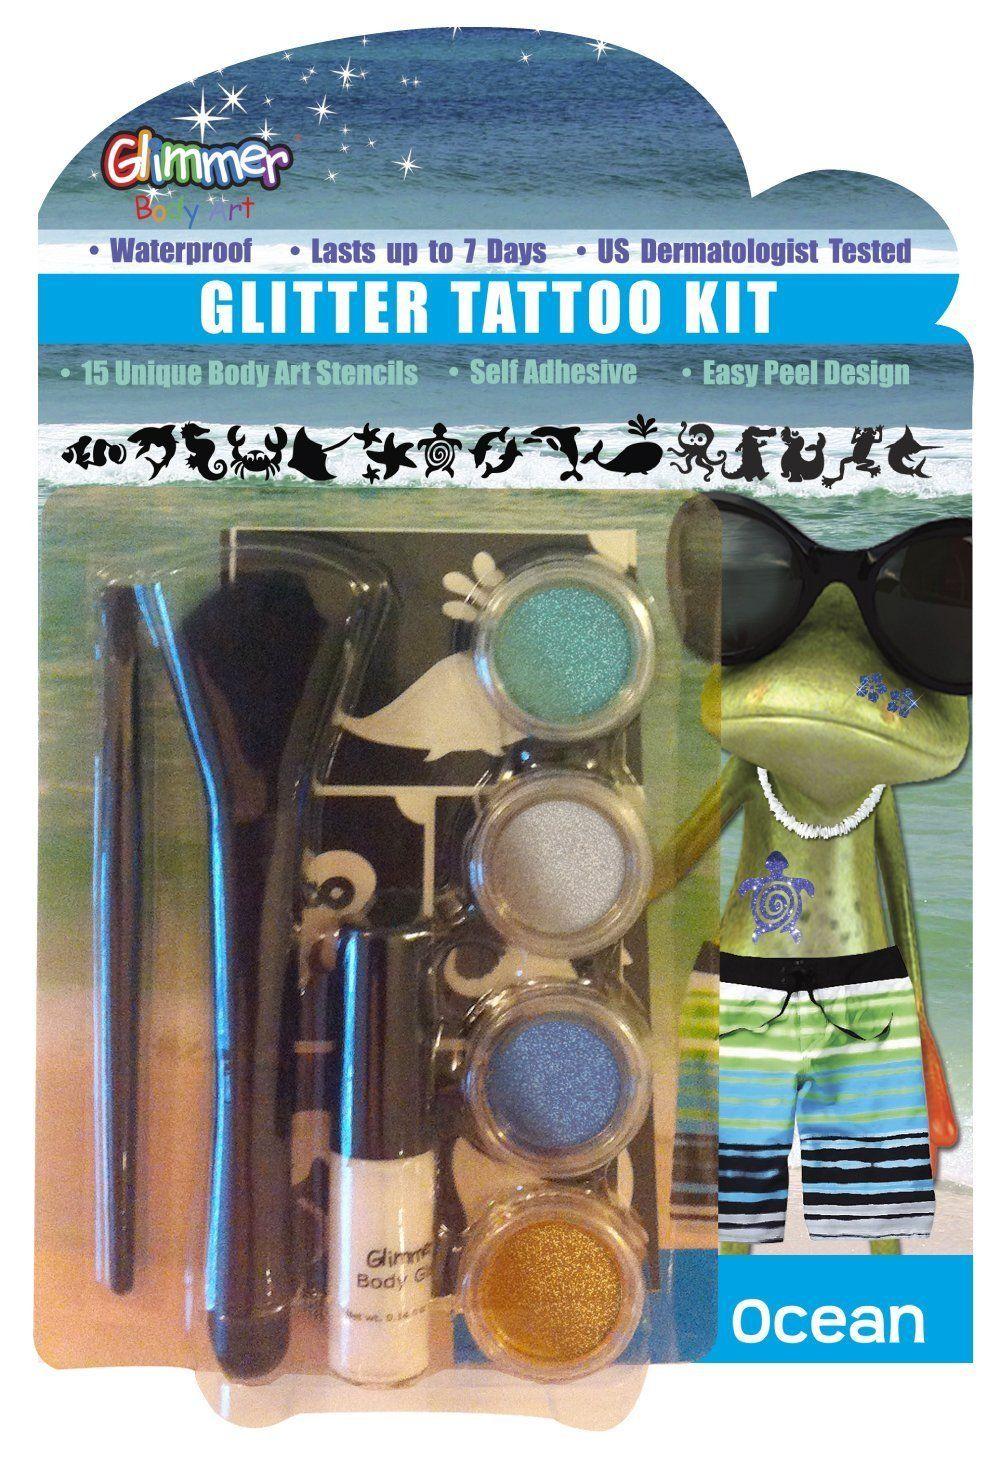 Glimmer body art ocean glitter tattoo kit